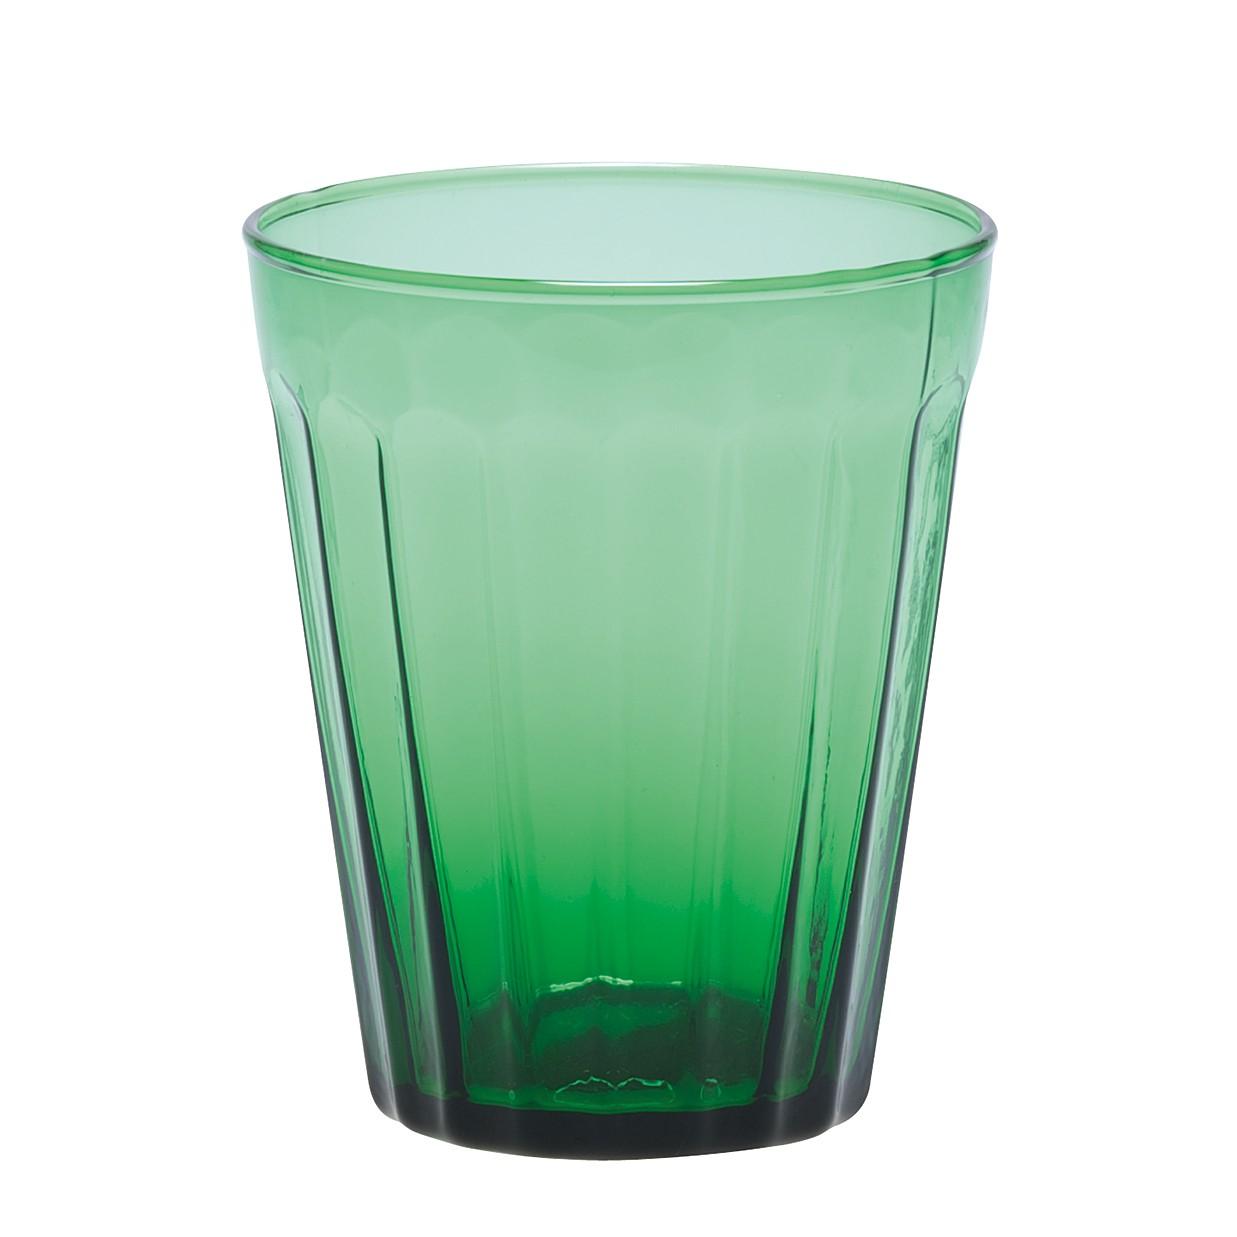 Trinkglas Lucca (6er-Set) – Glas – Kaktusgrün, BITOSSI HOME jetzt bestellen